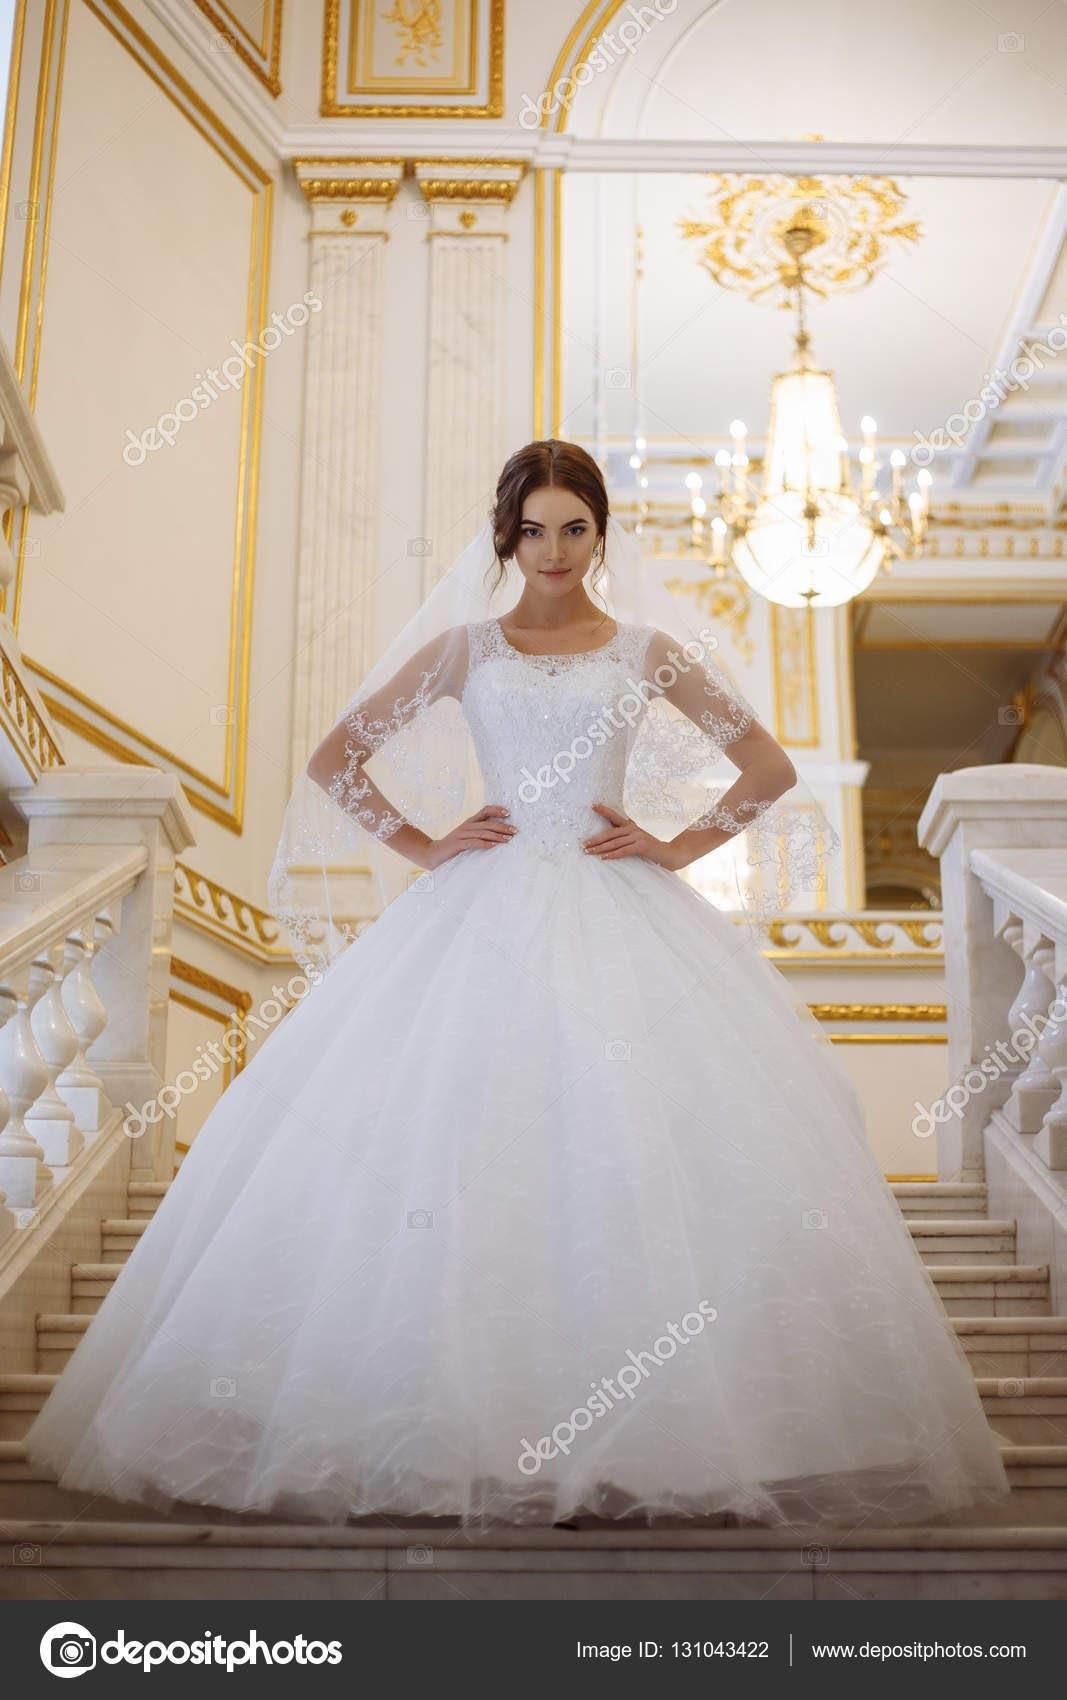 Fantastisch Schöne Brautkleider Galerie20 Perfekt Schöne Brautkleider Ärmel